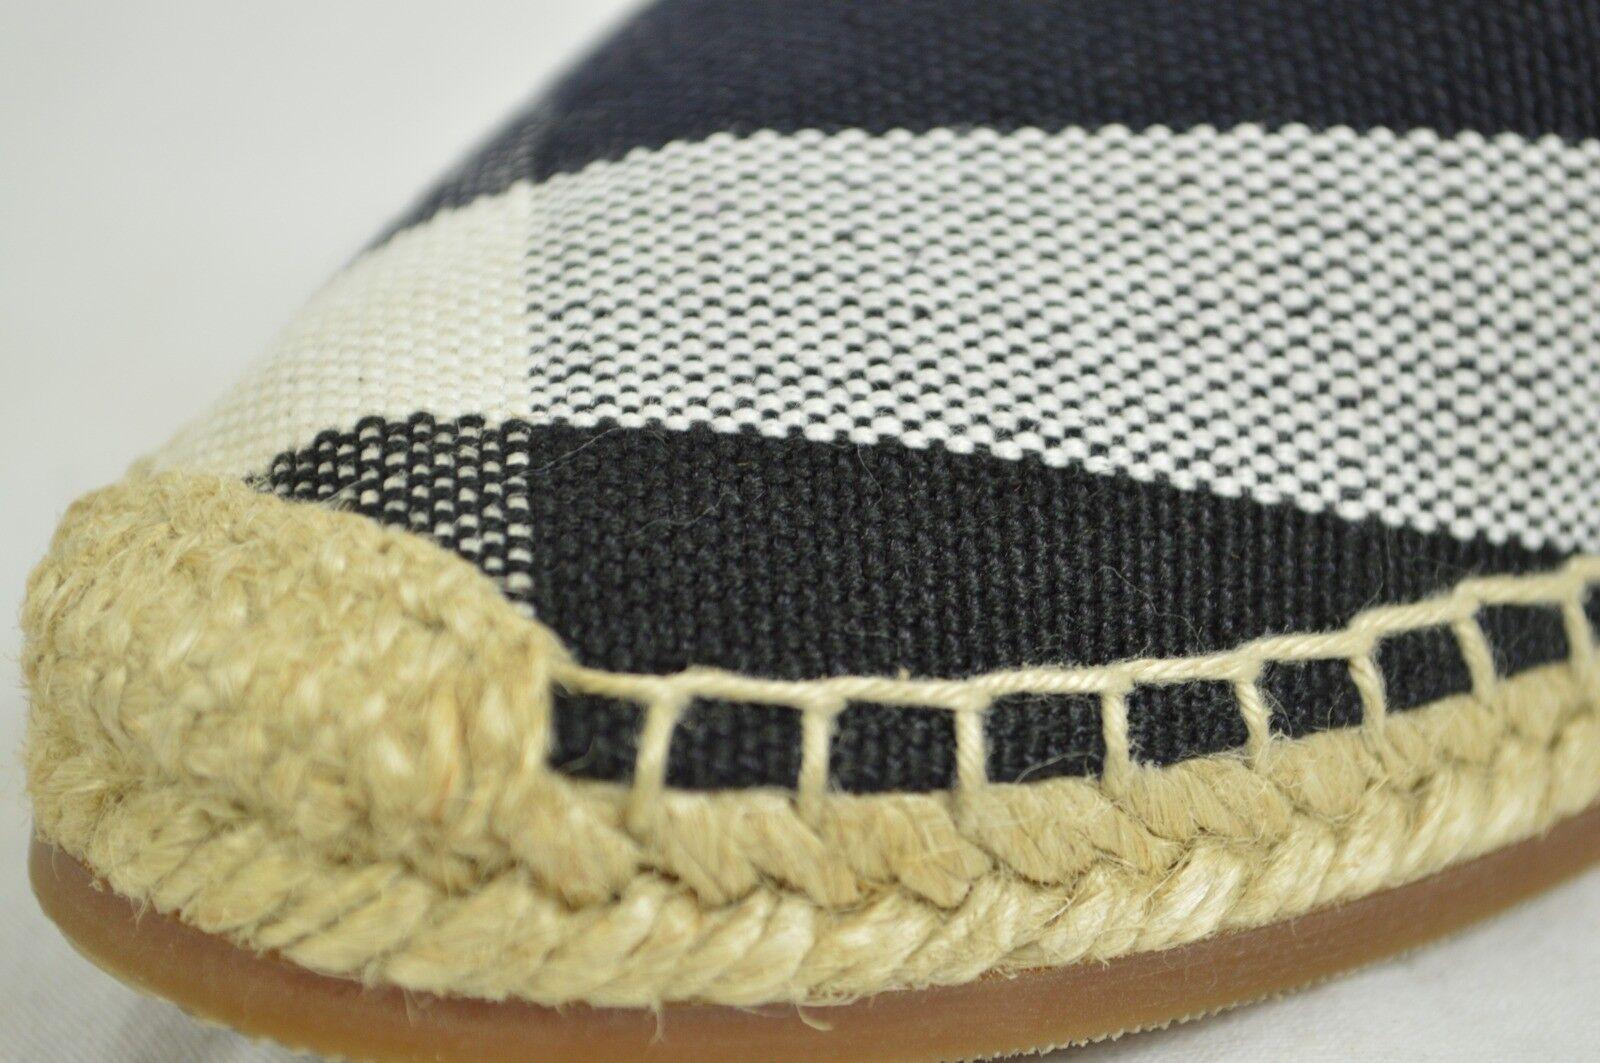 BURBERRY chaussures flip flip flip flops sandals flat espadrilles hodgeson navy bleu check 7 6be260